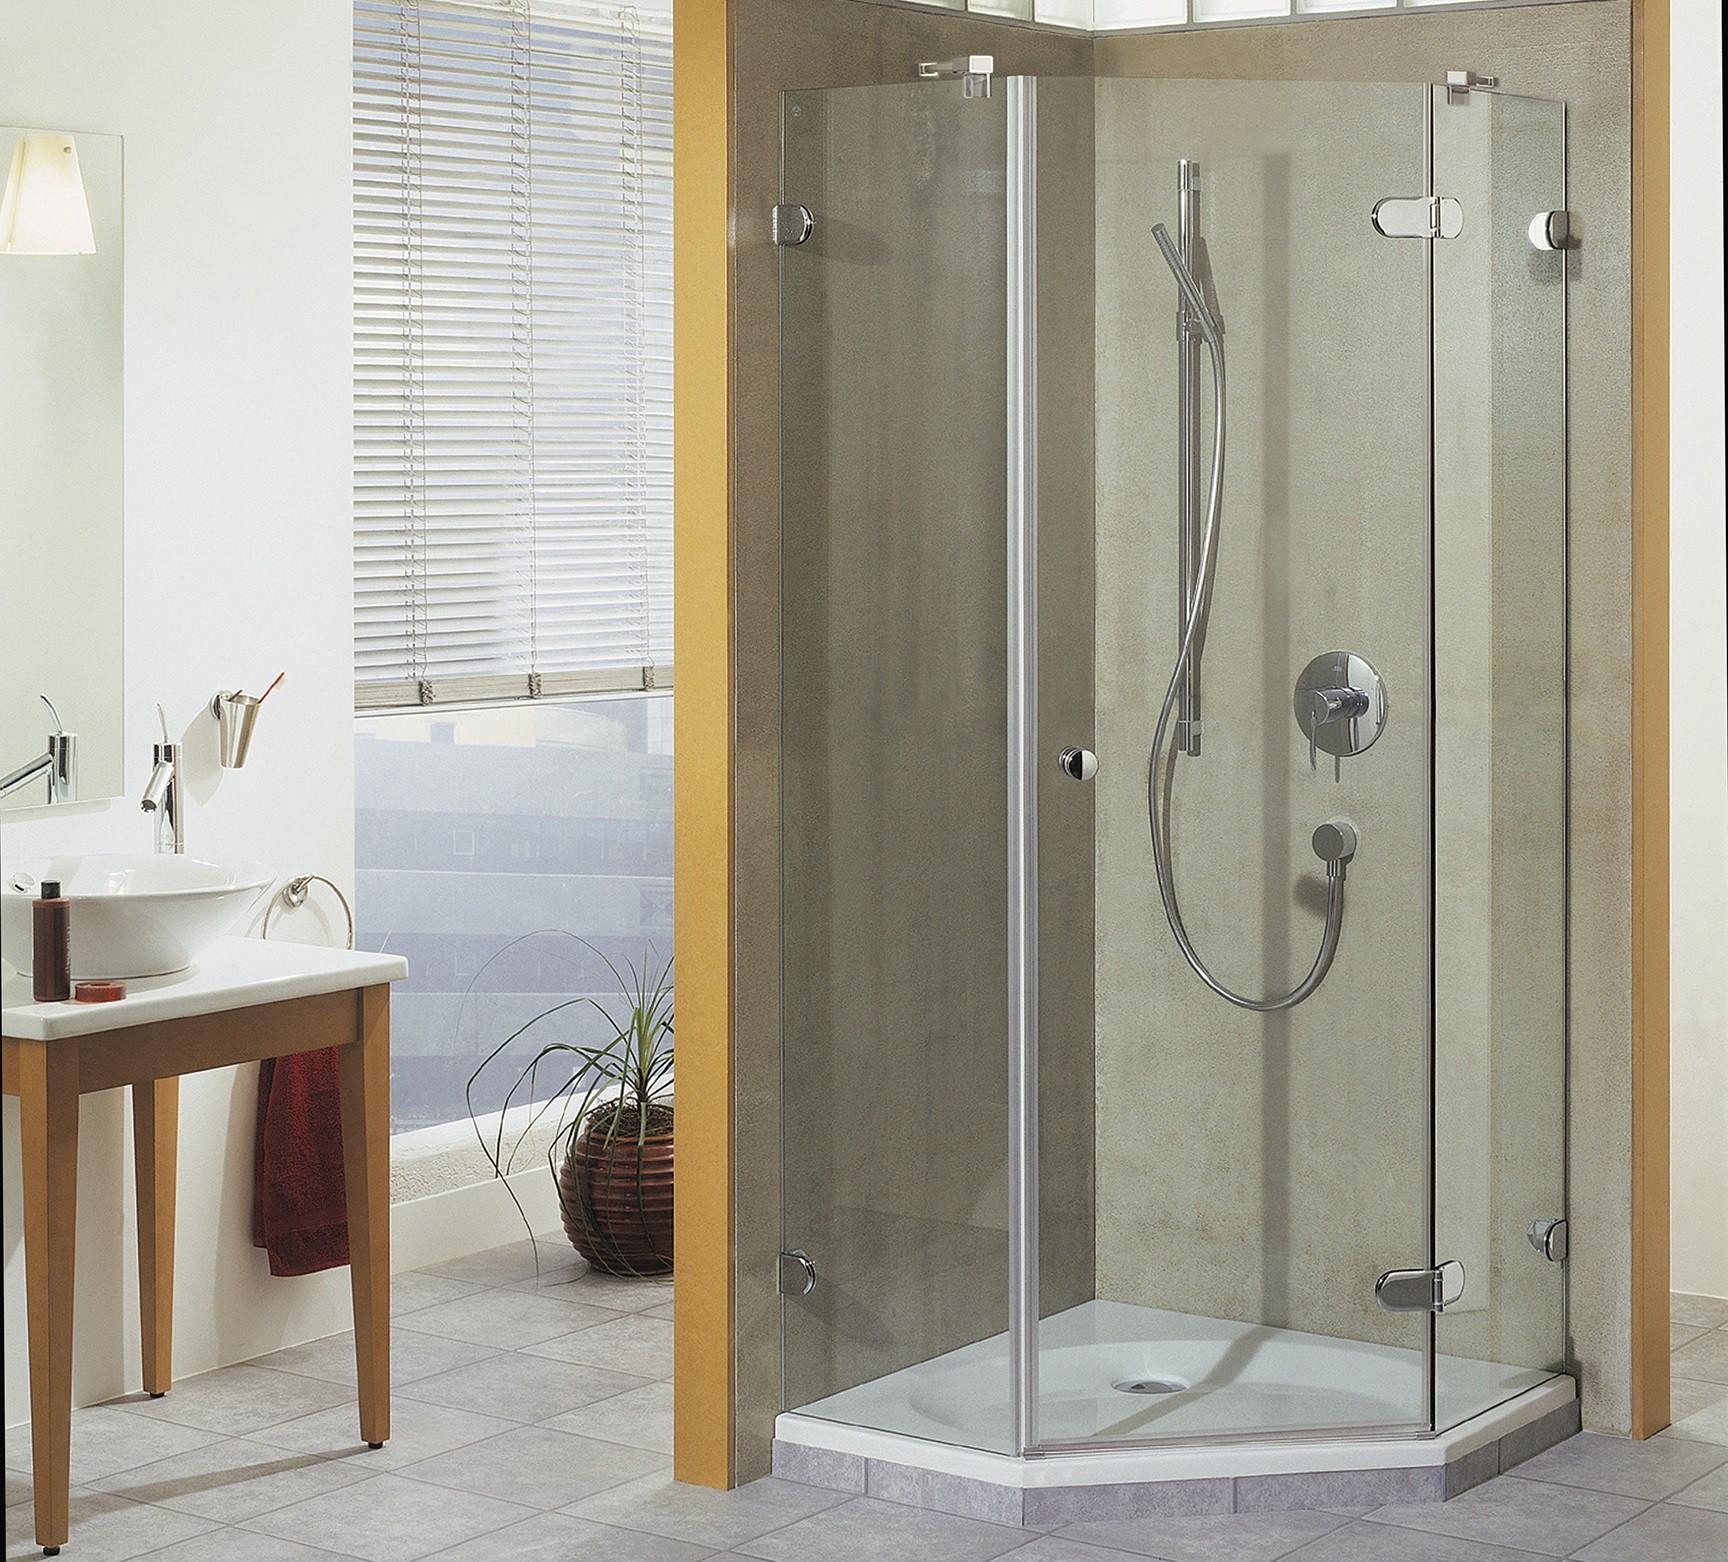 Full Size of Begehbare Dusche Ohne Tür Glastrennwand Unterputz Thermostat Bodengleiche Nachträglich Einbauen Schulte Duschen Werksverkauf Nischentür Grohe Rainshower Dusche Dusche 90x90